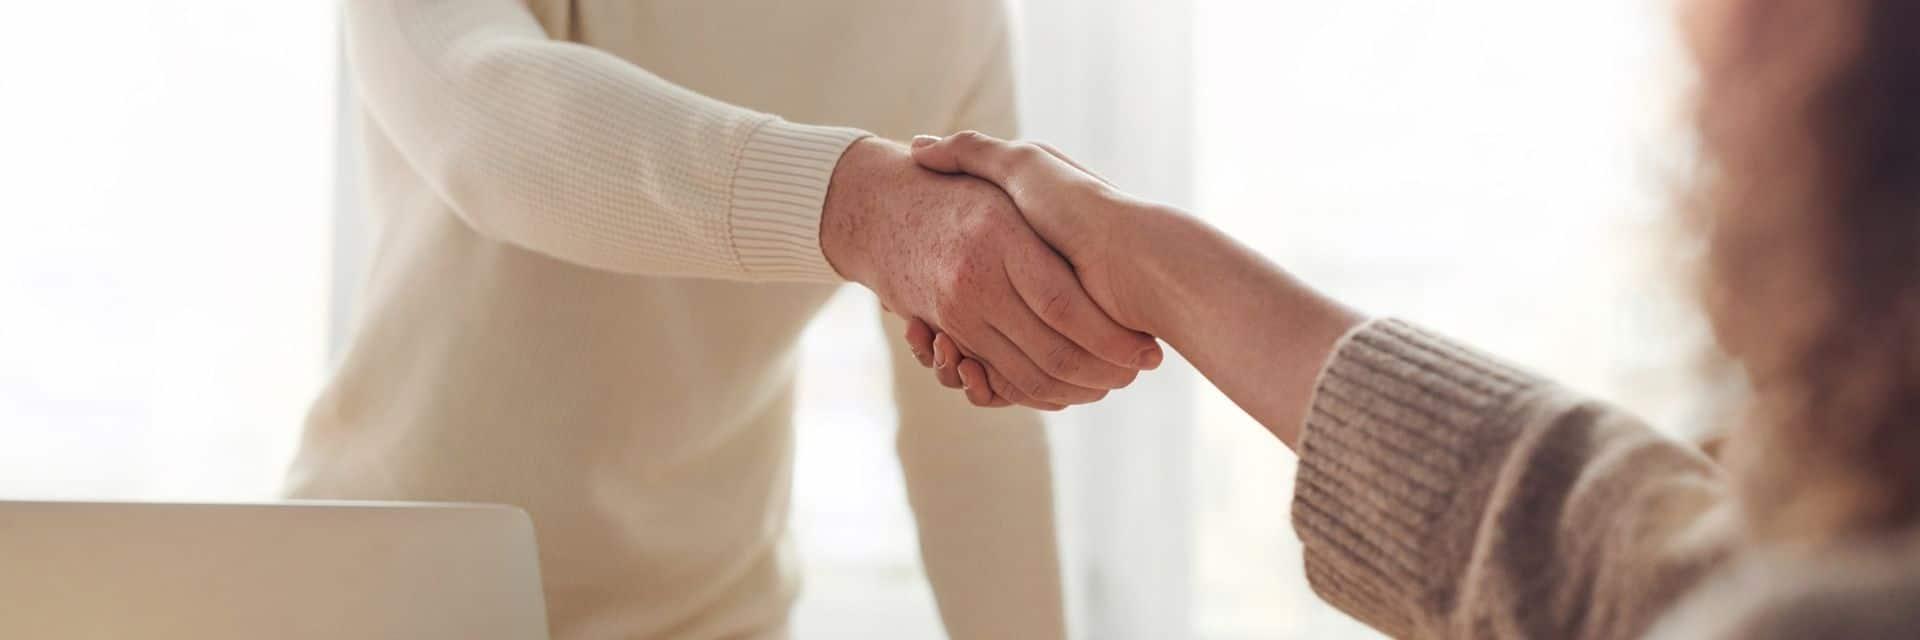 Symbolbild: Händeschütteln beim Vorstellungsgespräch